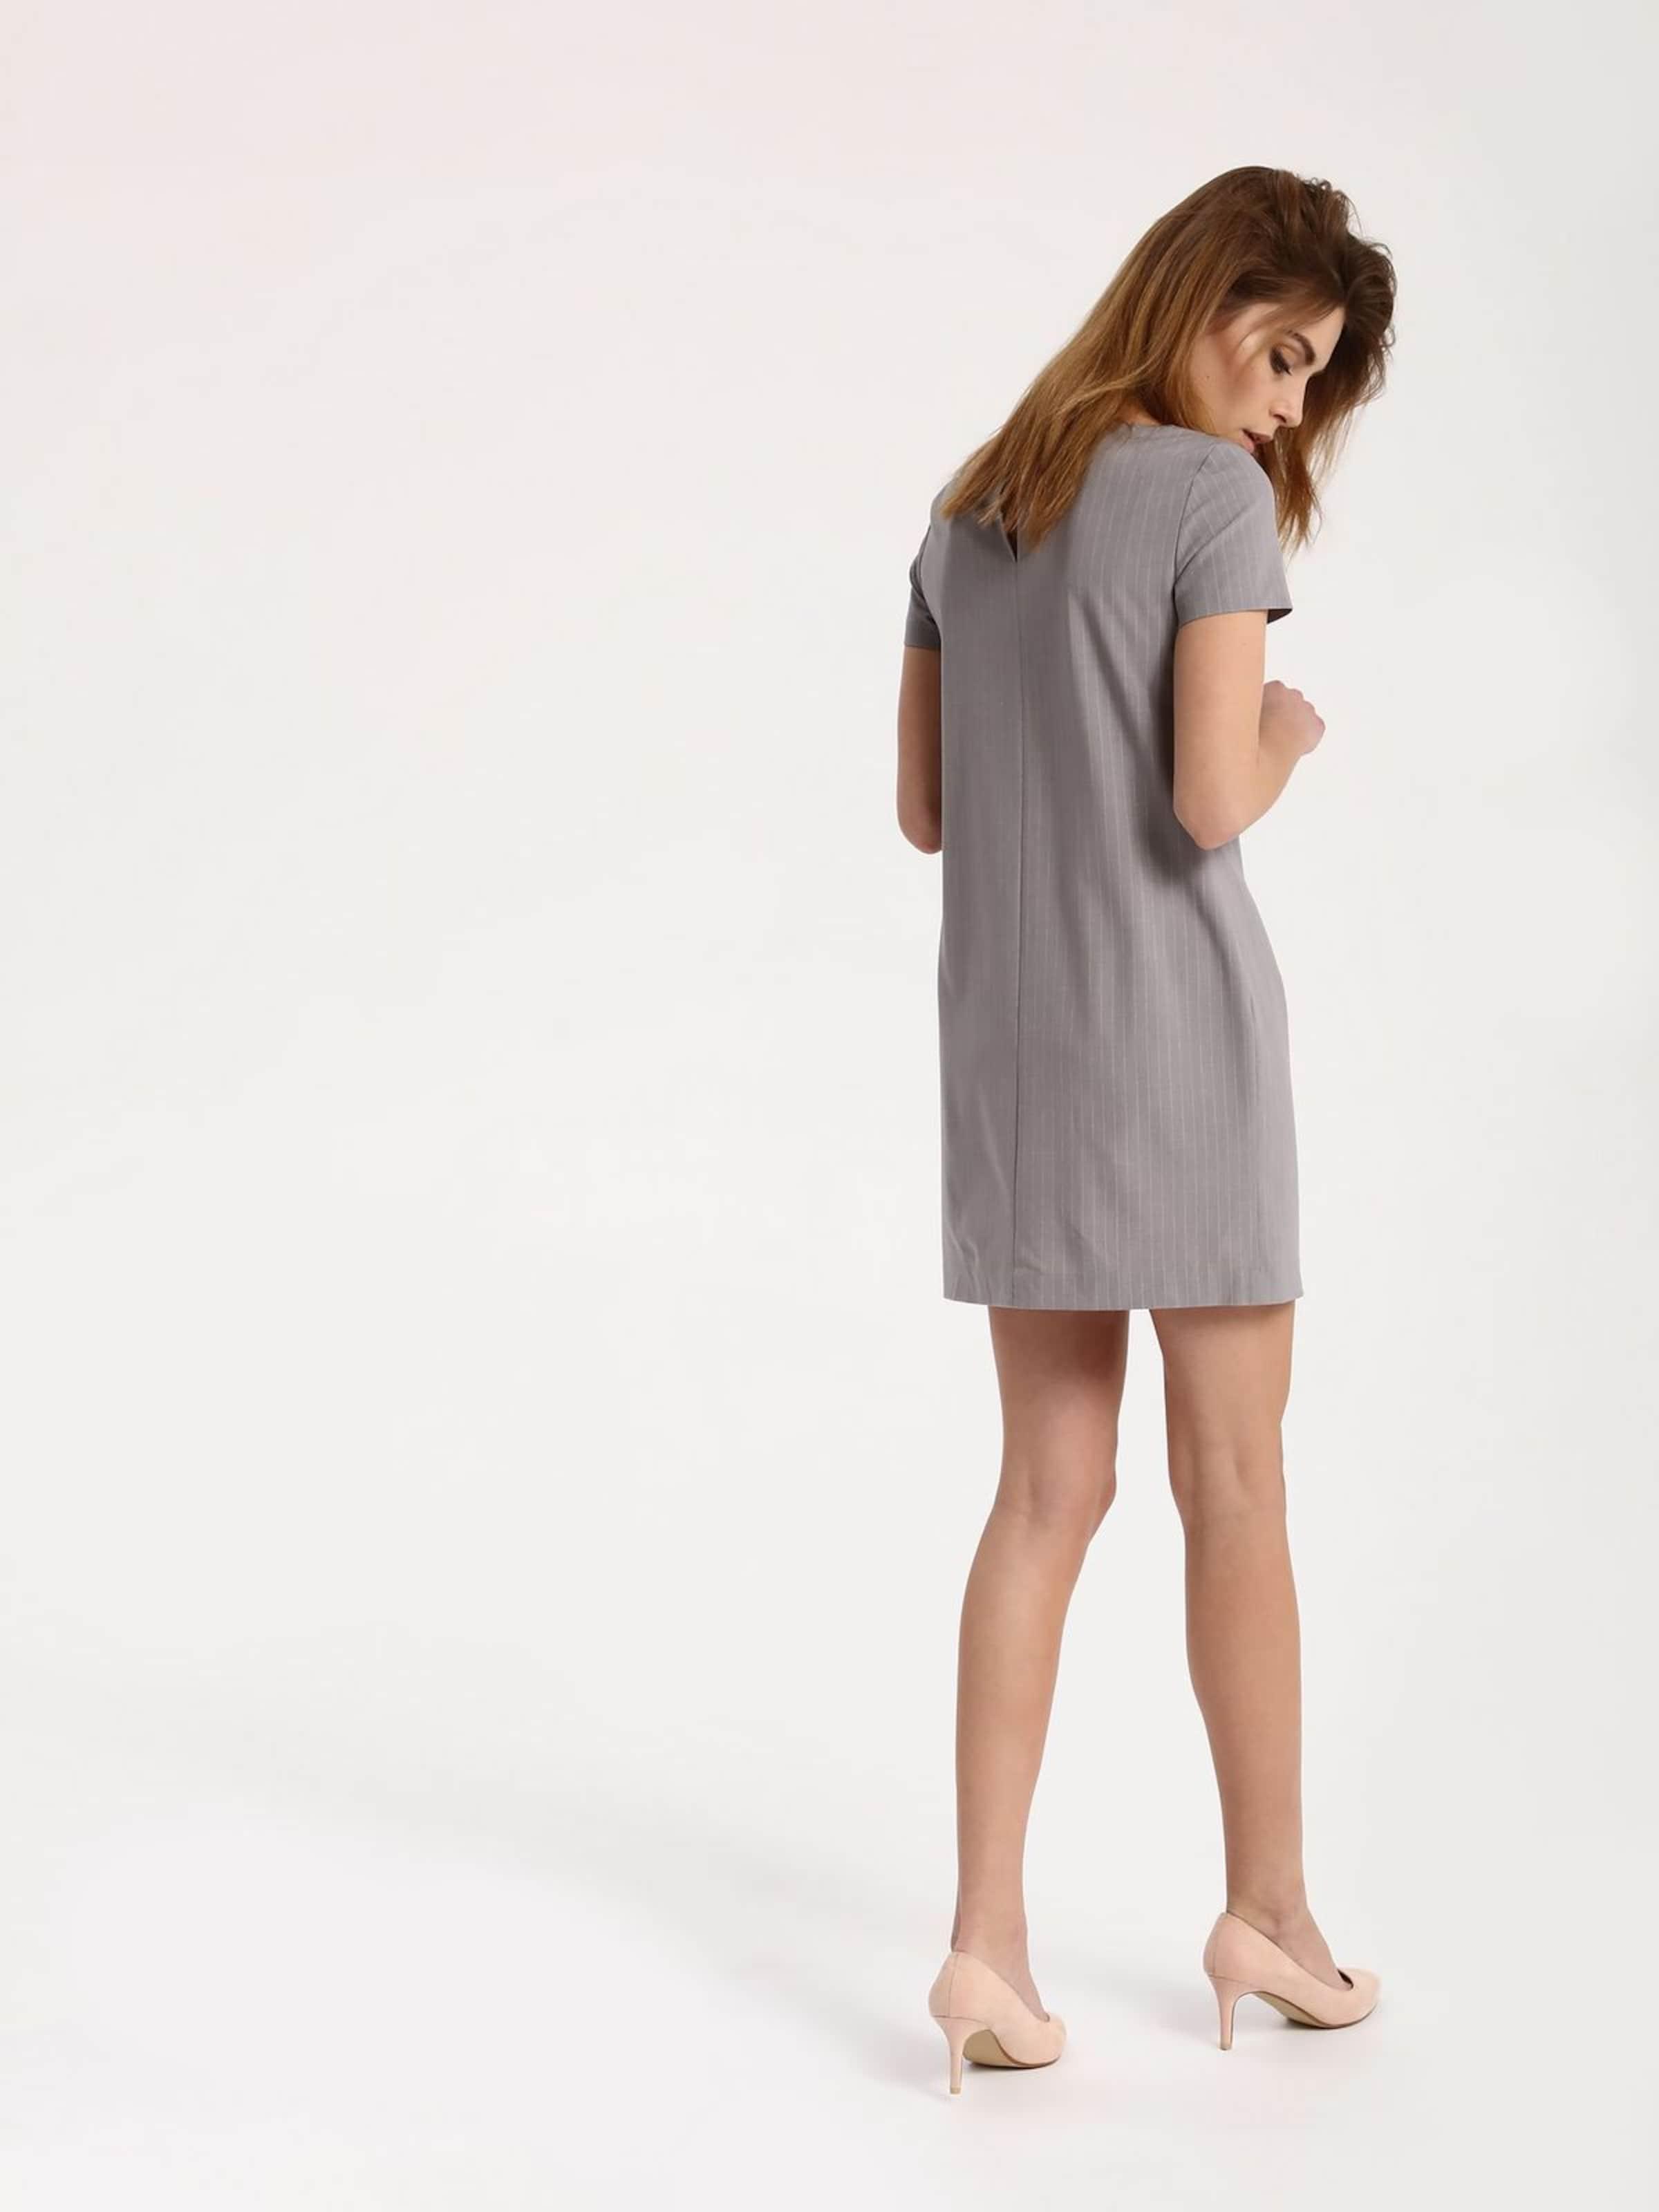 Top Secret Nadelstreifen-Kleid Billig Kaufen Shop Billige Sast Freies Verschiffen Billig Sneakernews Online 6YO8mWN24u